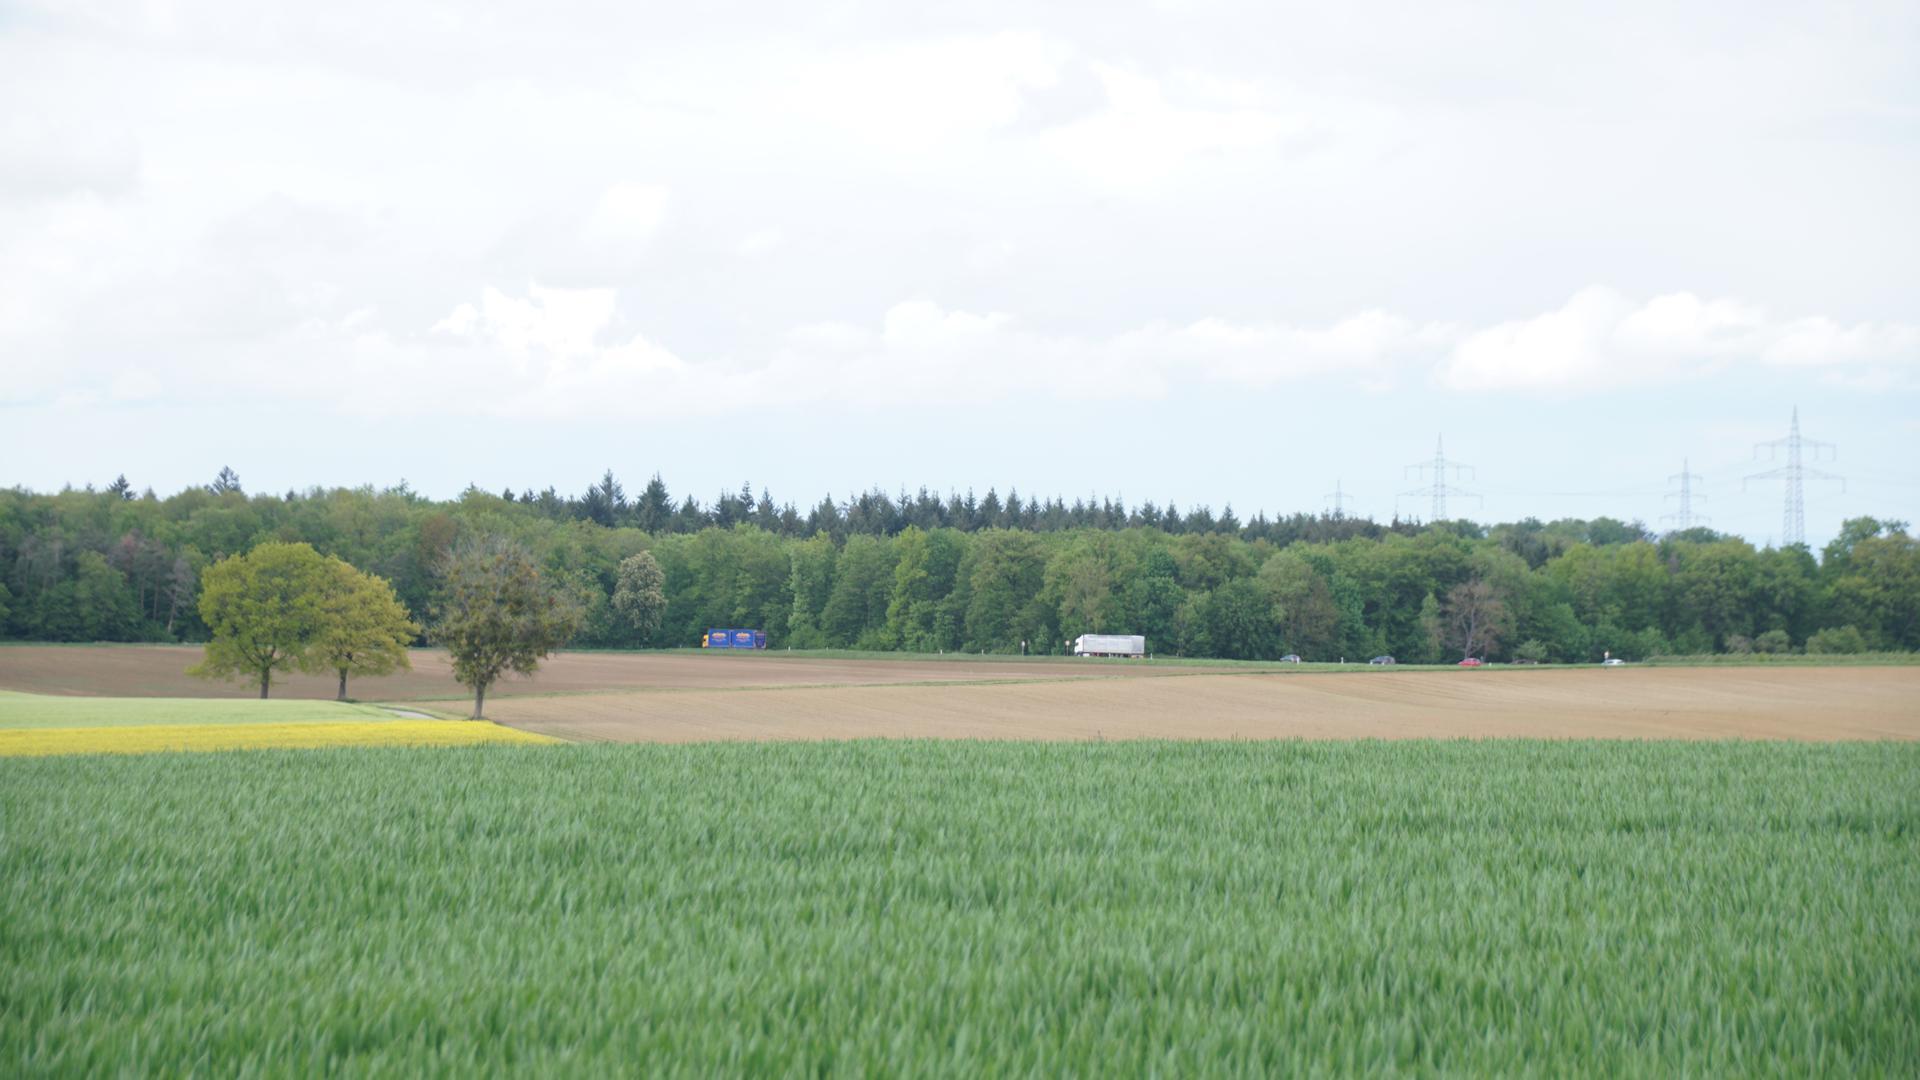 Begehrter Standort: In den Distrikten Hinterbach (links der Bundesstraße) und Altenhau (rechts) können sich nun gleich zwei Investoren grundsätzlich vorstellen, Windkraftanlagen zu errichten.